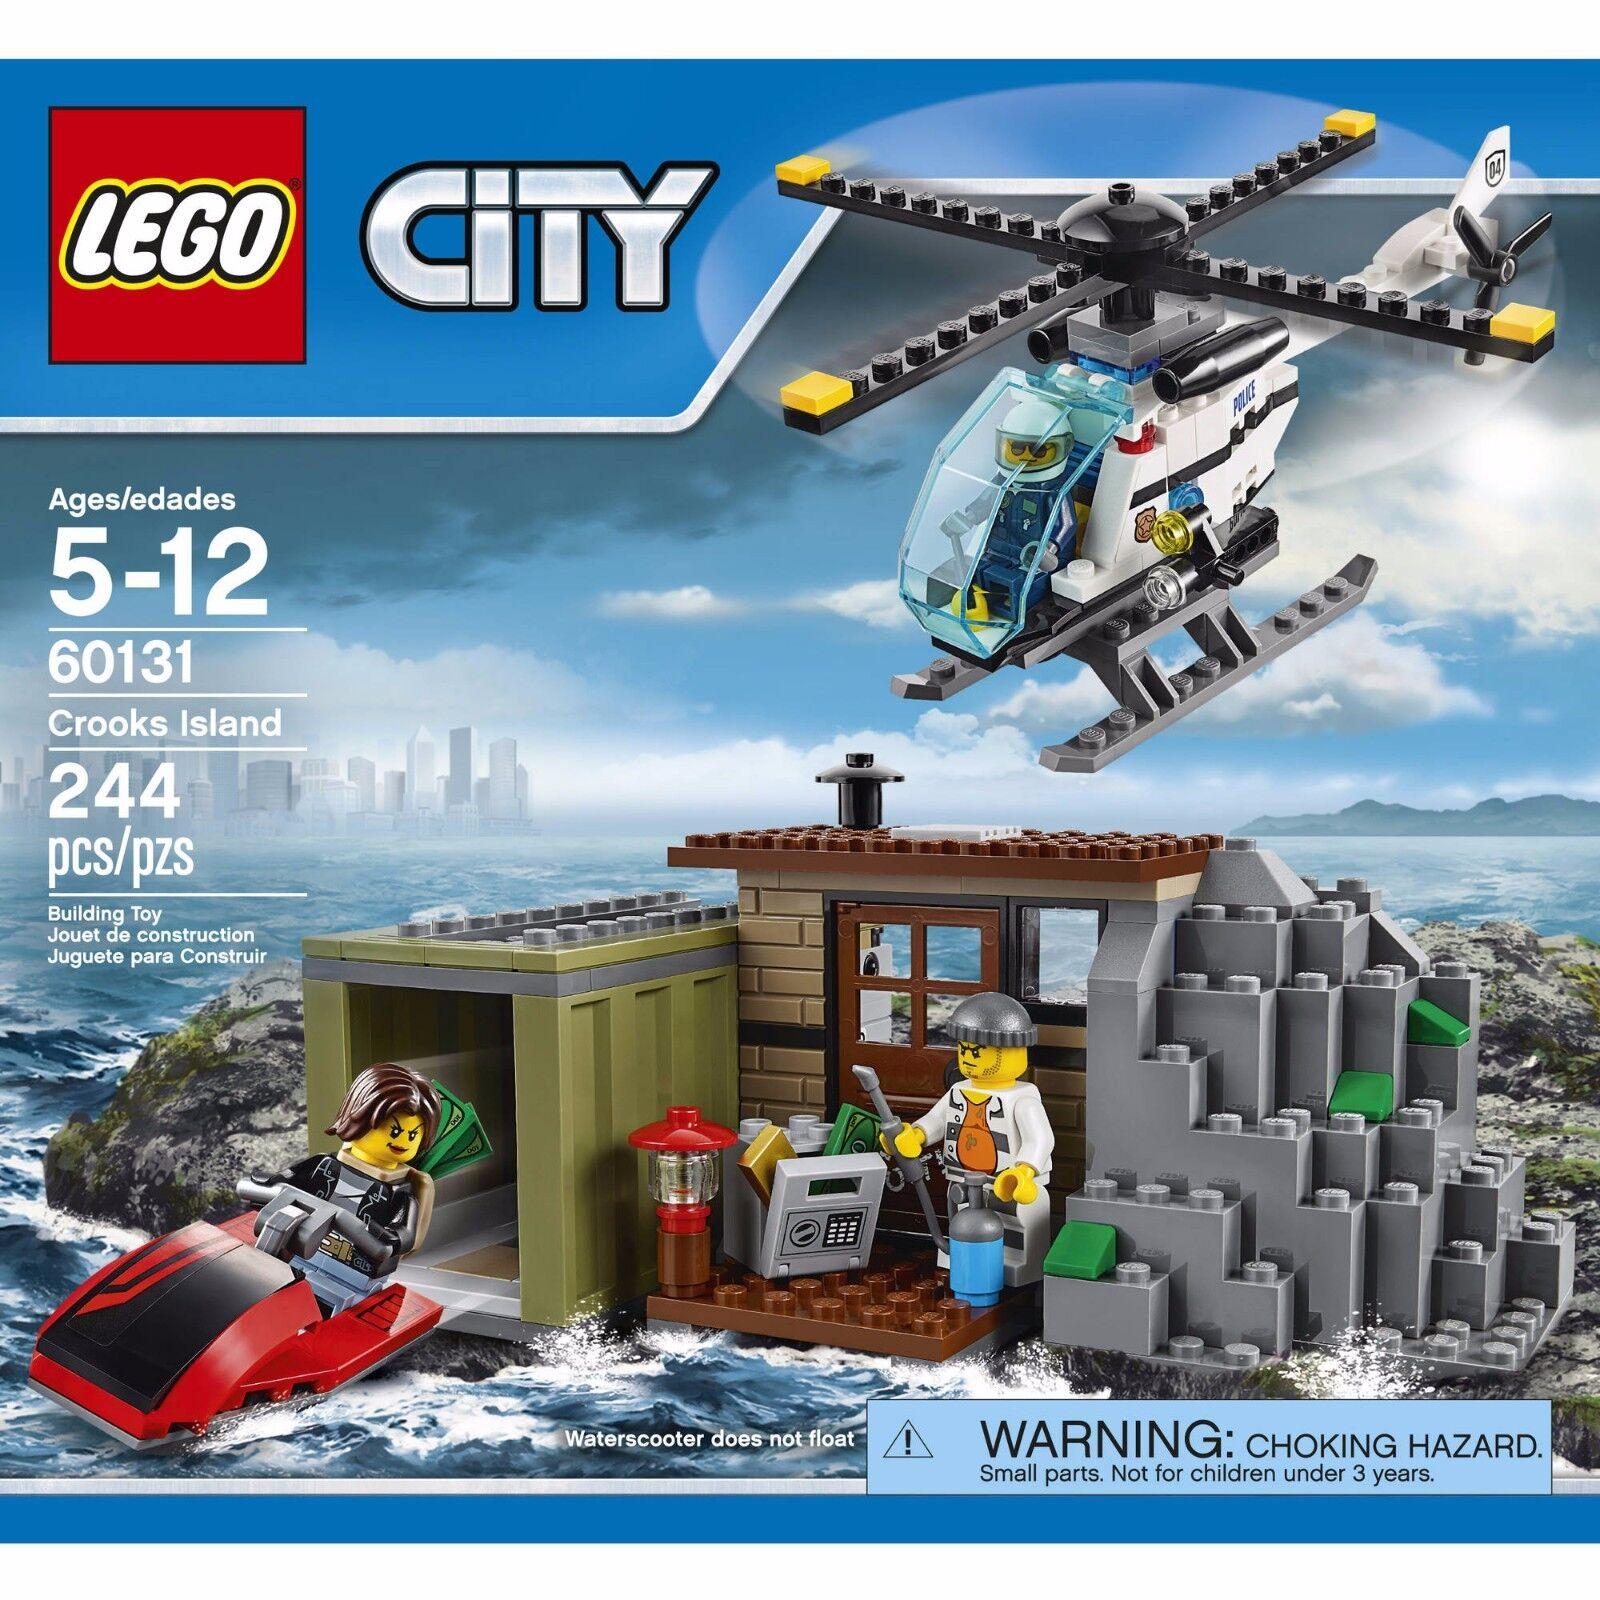 LEGO City Crooks Island Set